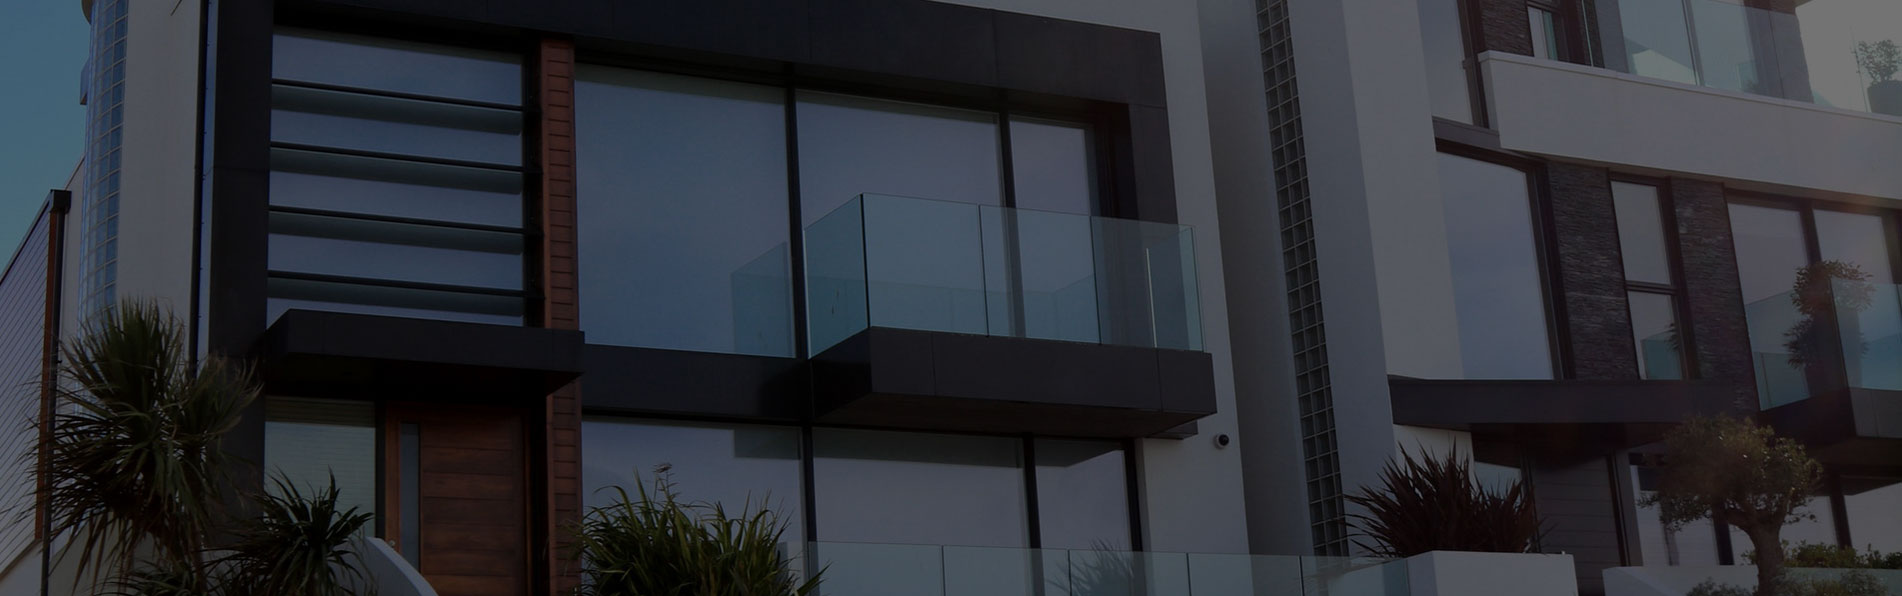 Double Glazing Auckland